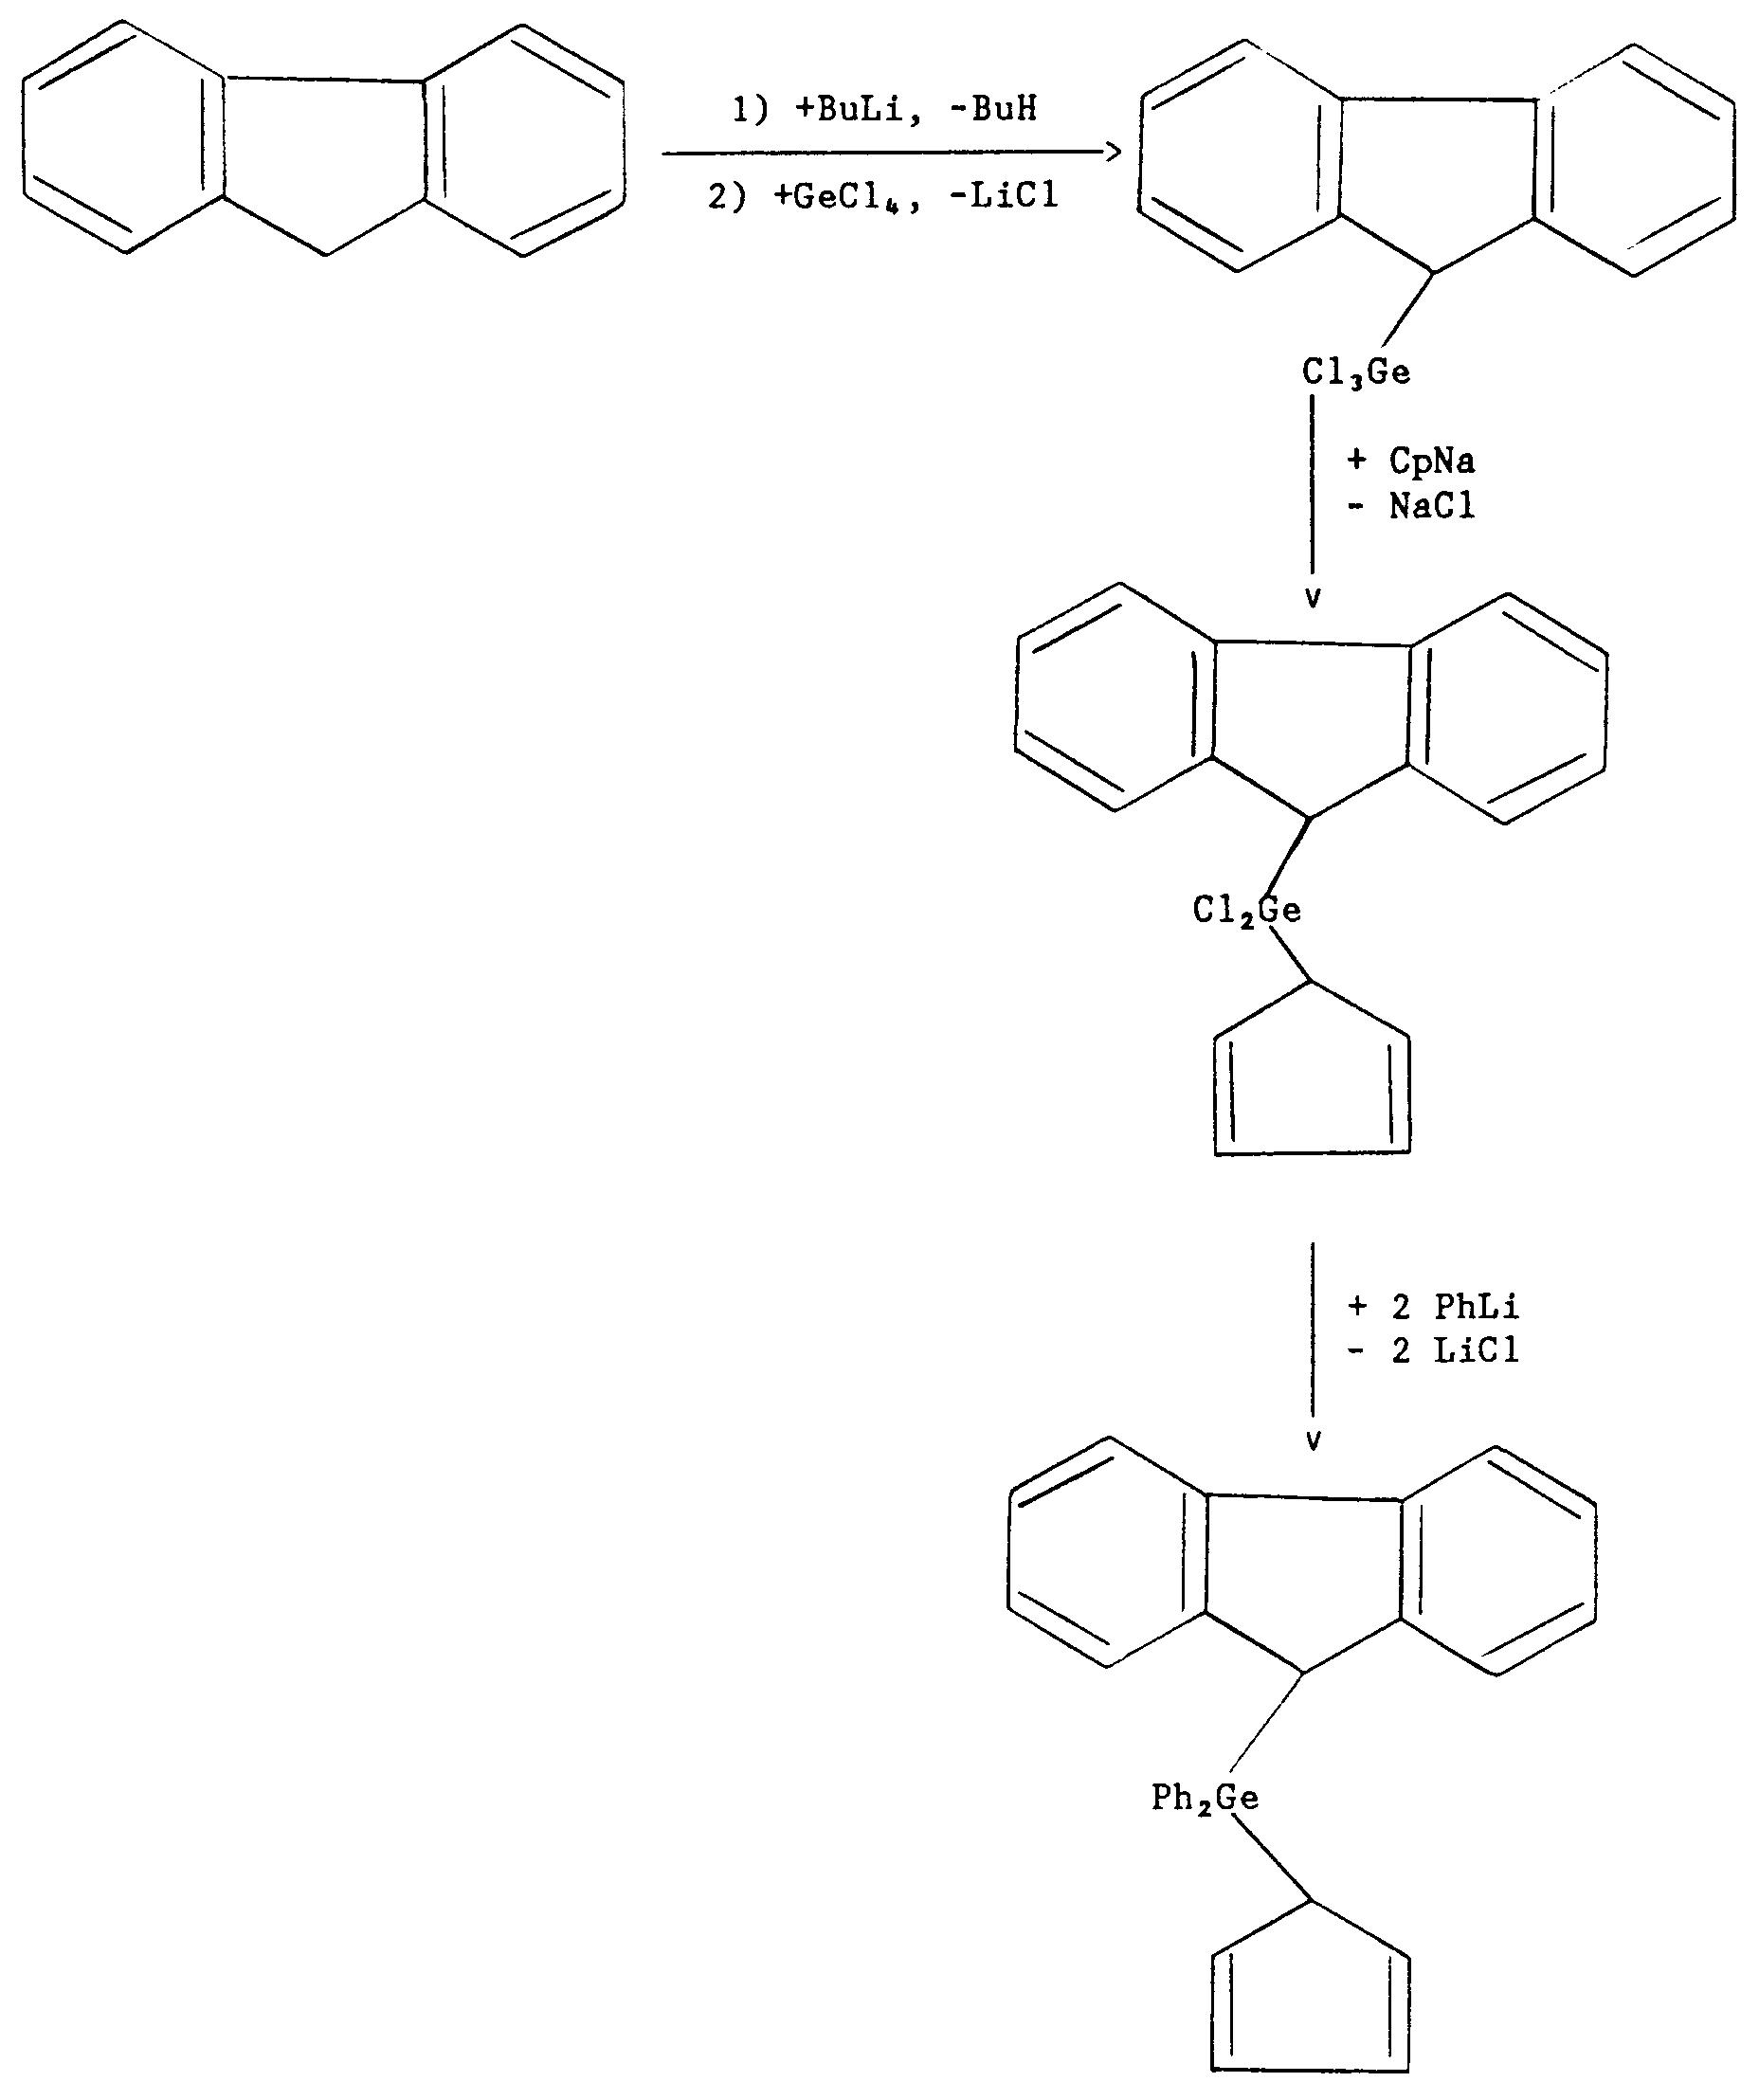 ep0628564a1